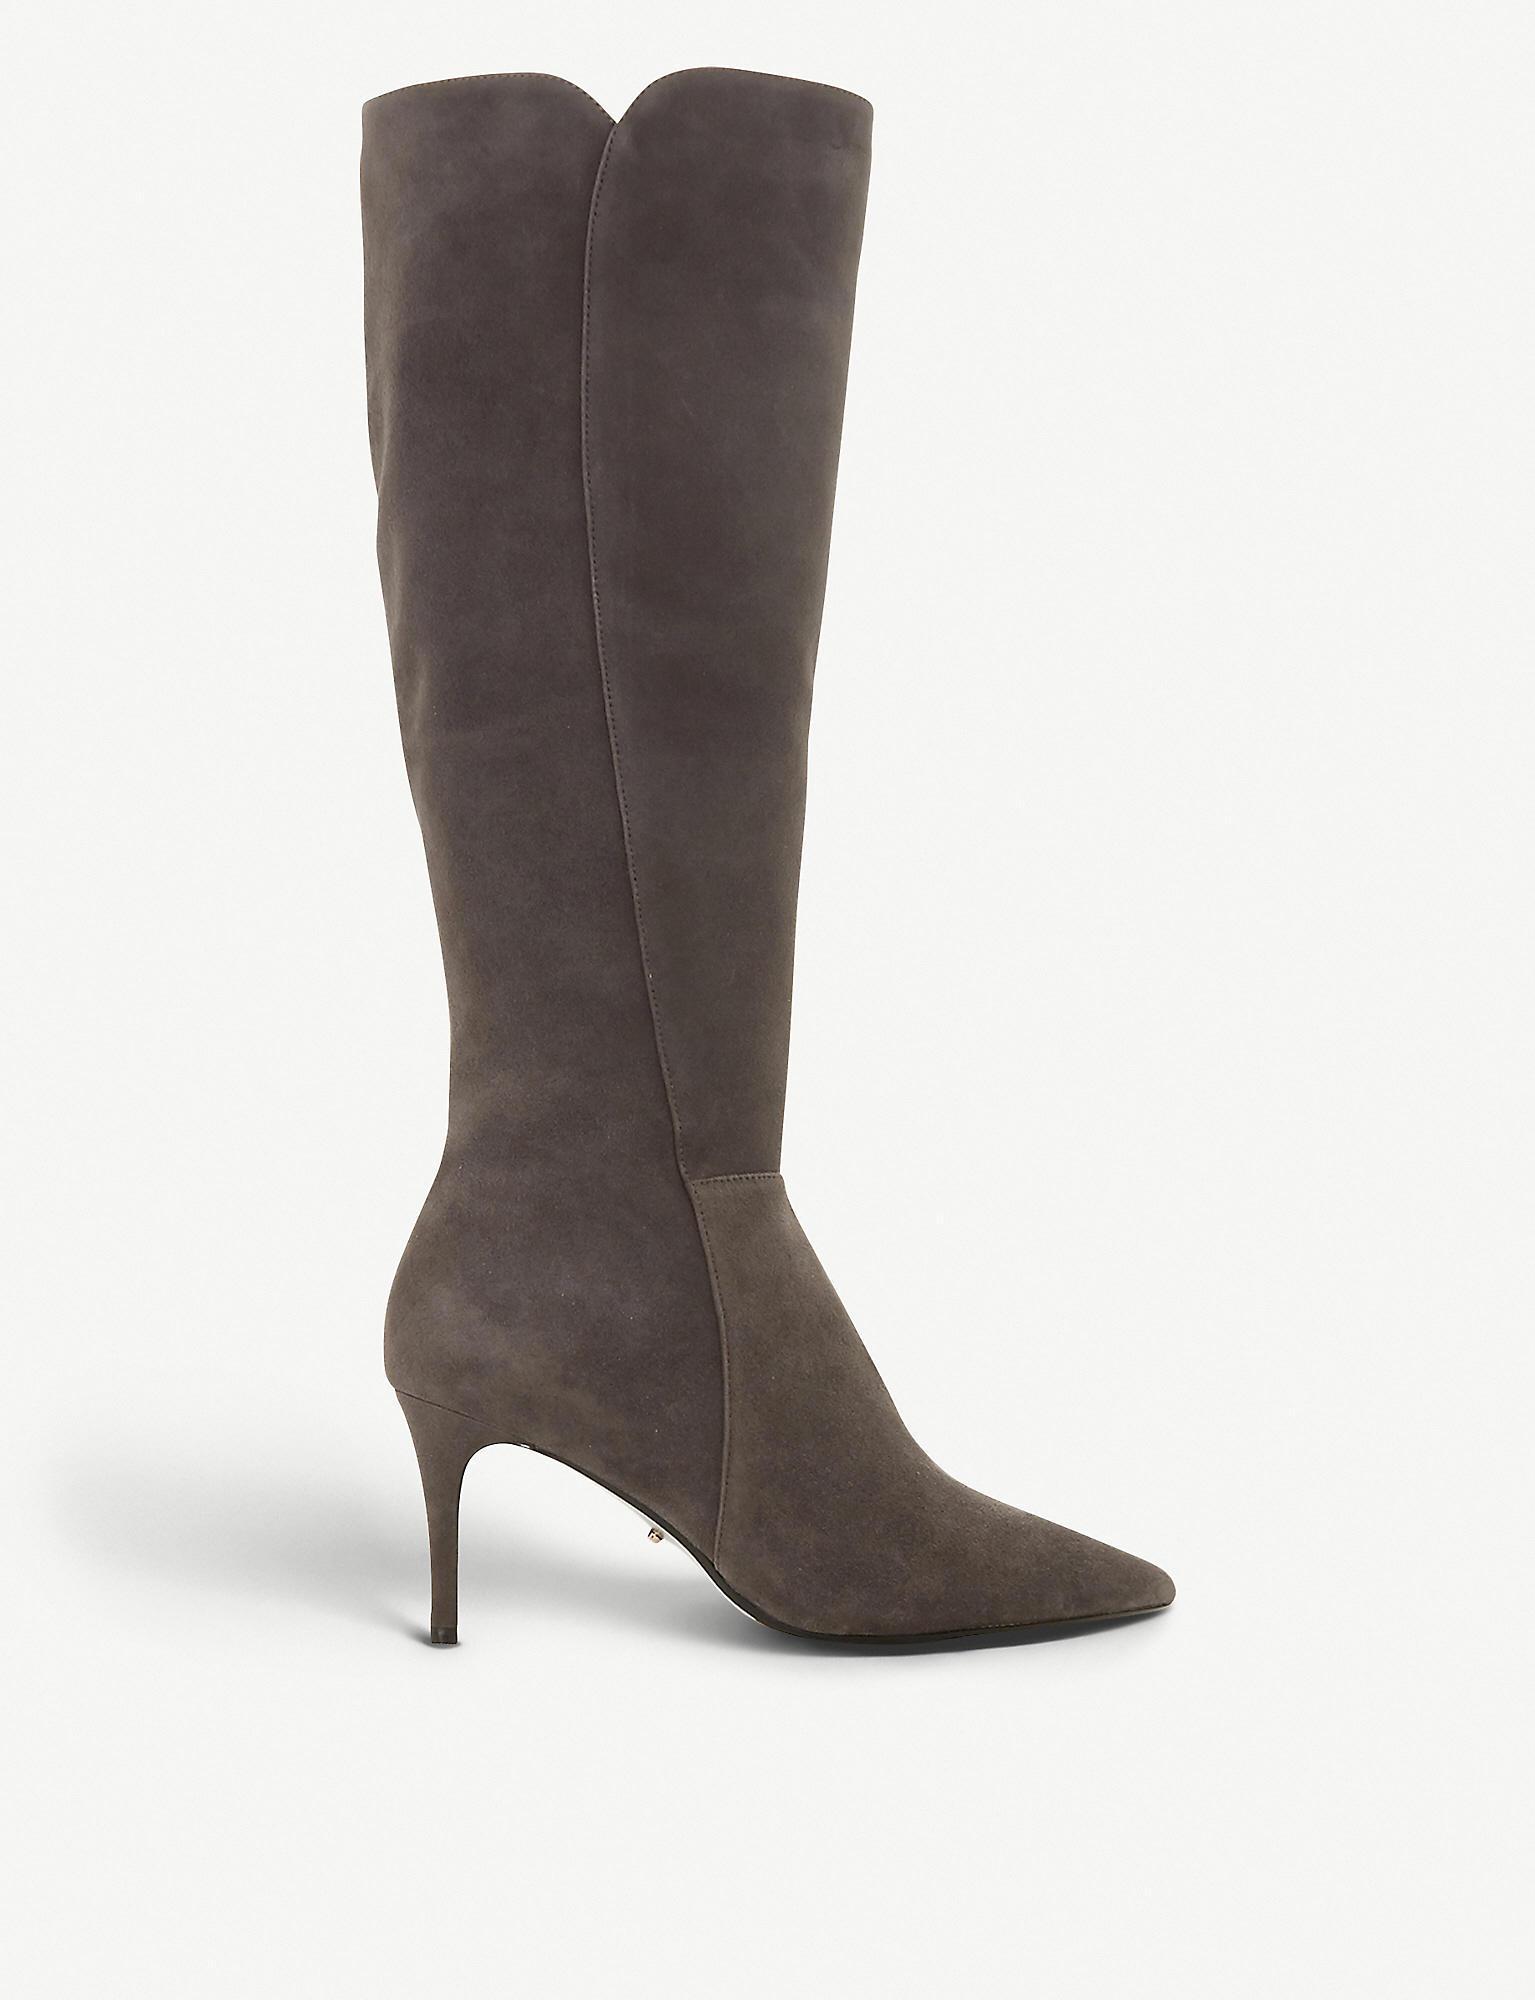 Dune Sakura Knee-high Suede Boots in